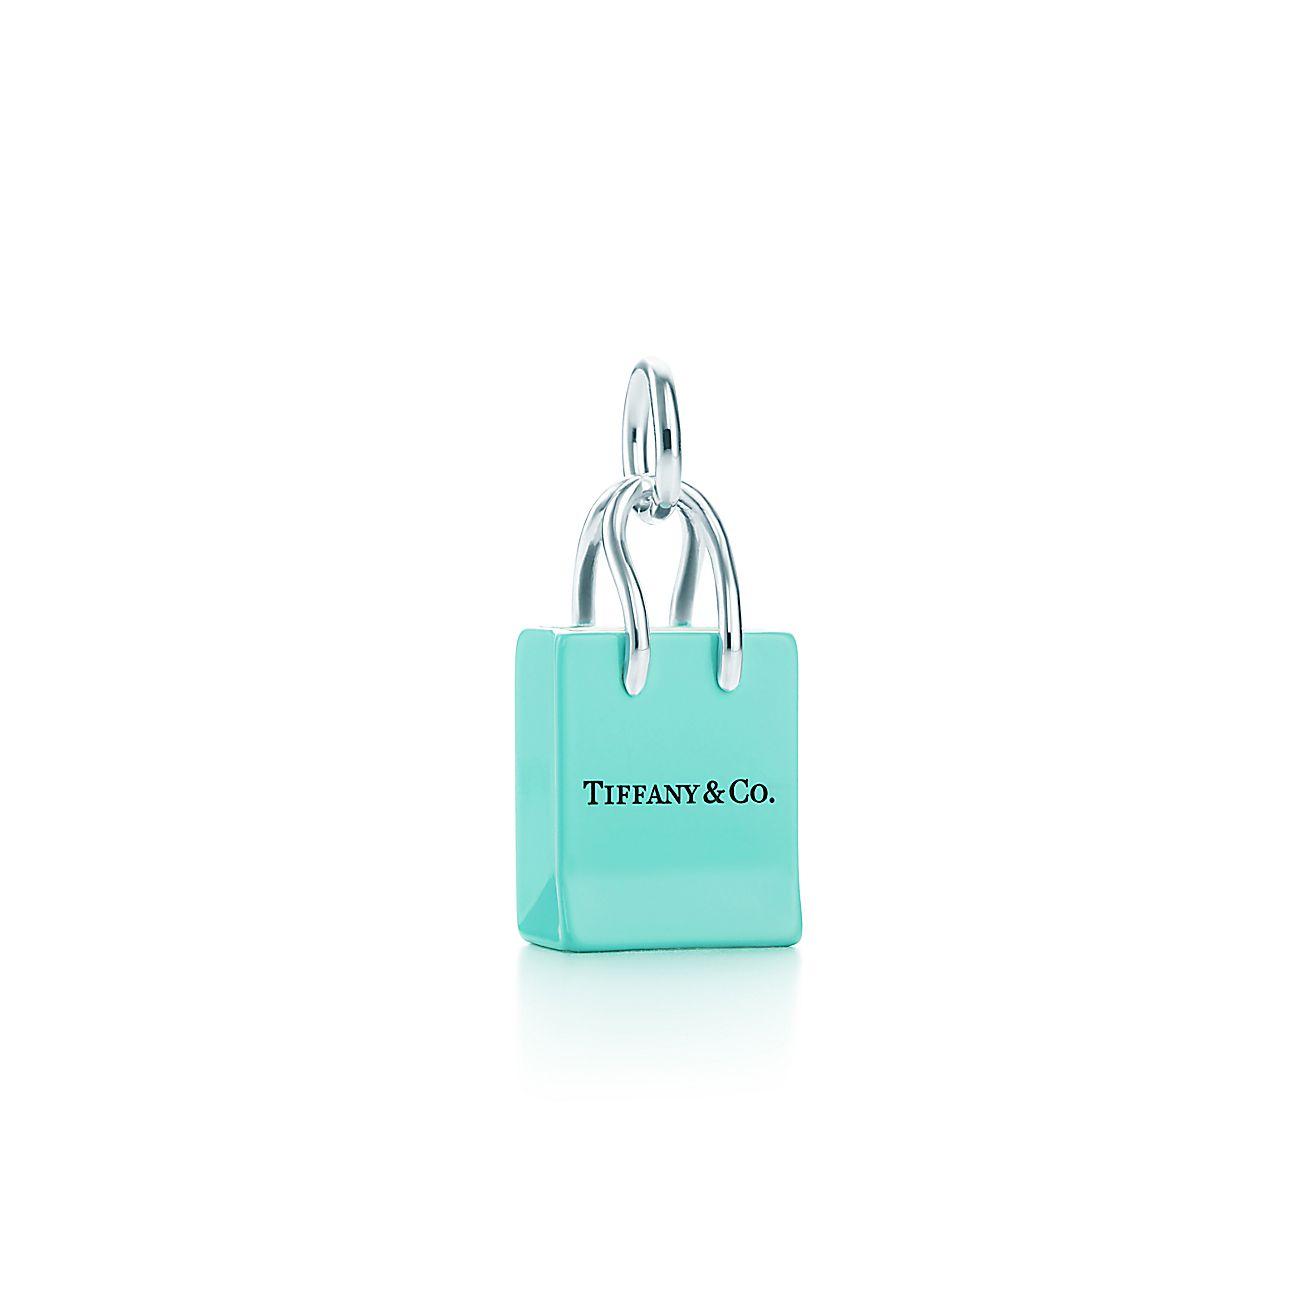 berloque de sacola de compras tiffany co em prata de lei com esmalta o tiffany co. Black Bedroom Furniture Sets. Home Design Ideas